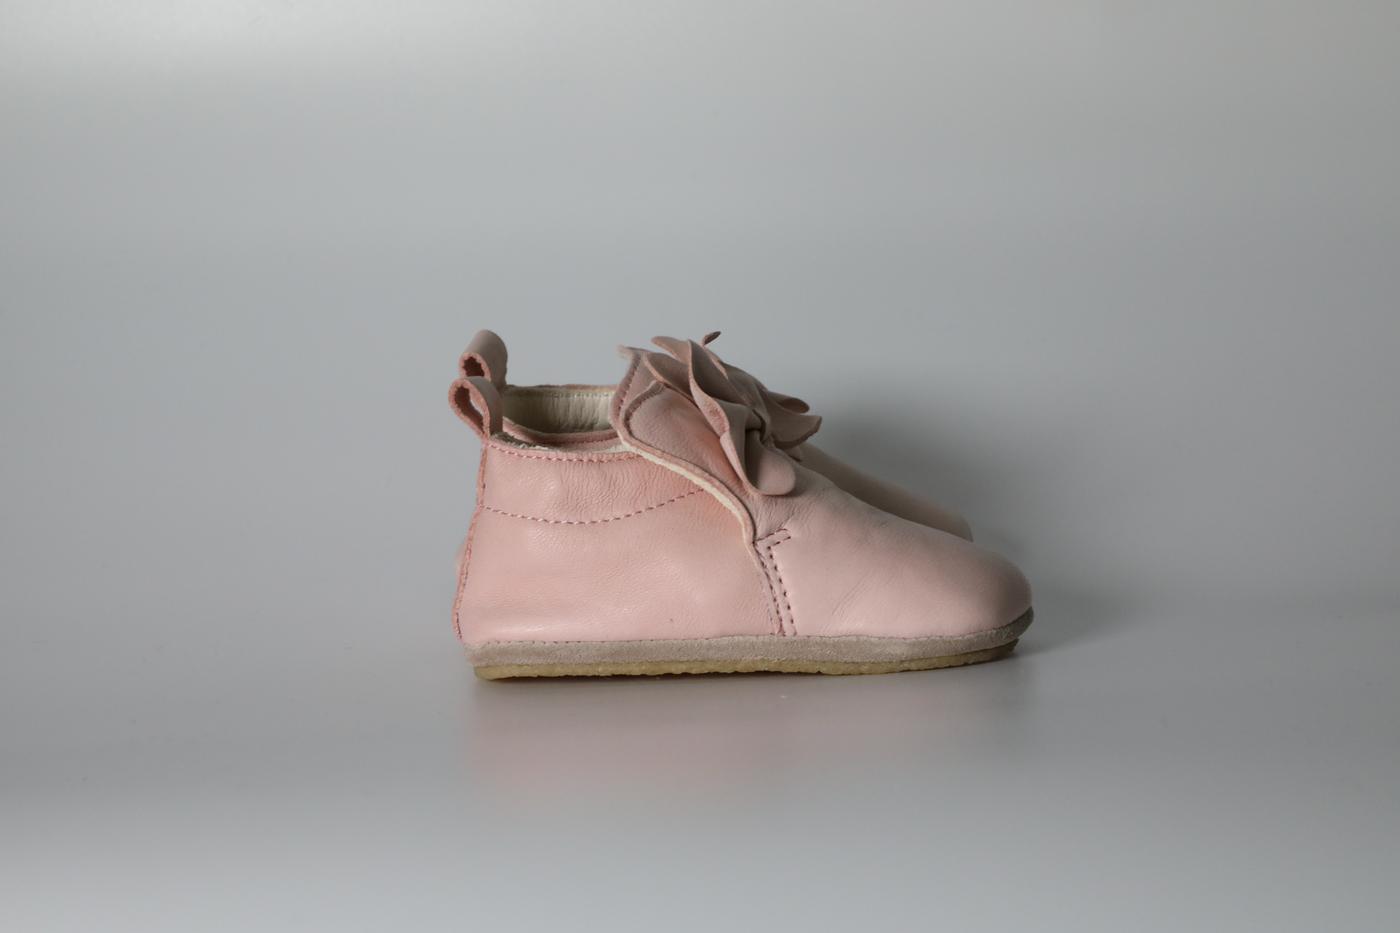 Comfy Peach pram shoes